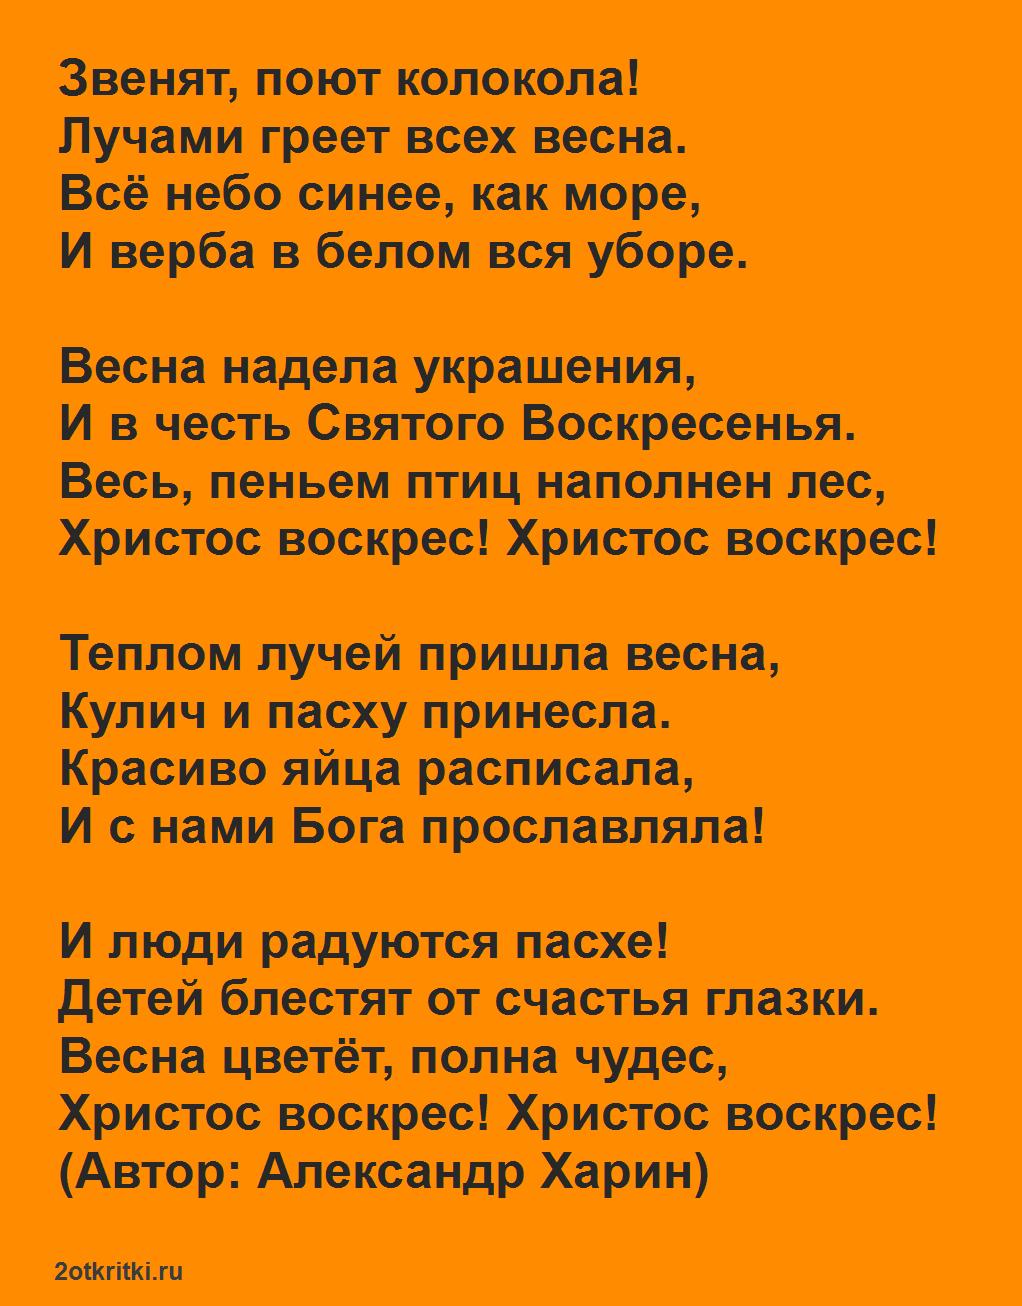 Стихи на пасху - Святая пасха